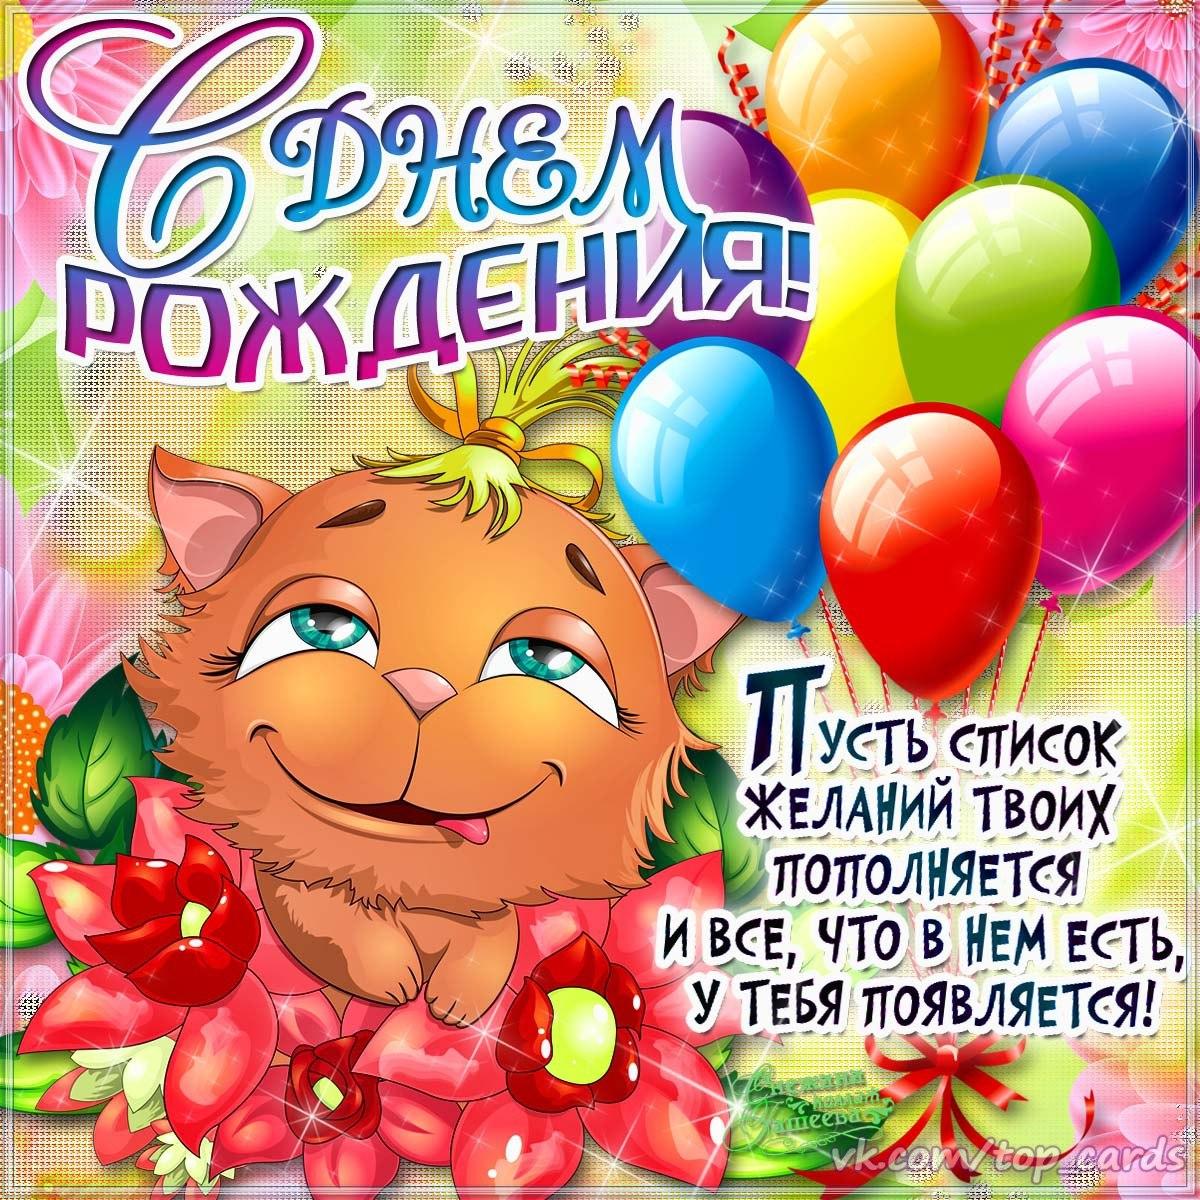 Праздником, прикольное поздравление с днем рождения саши открытки